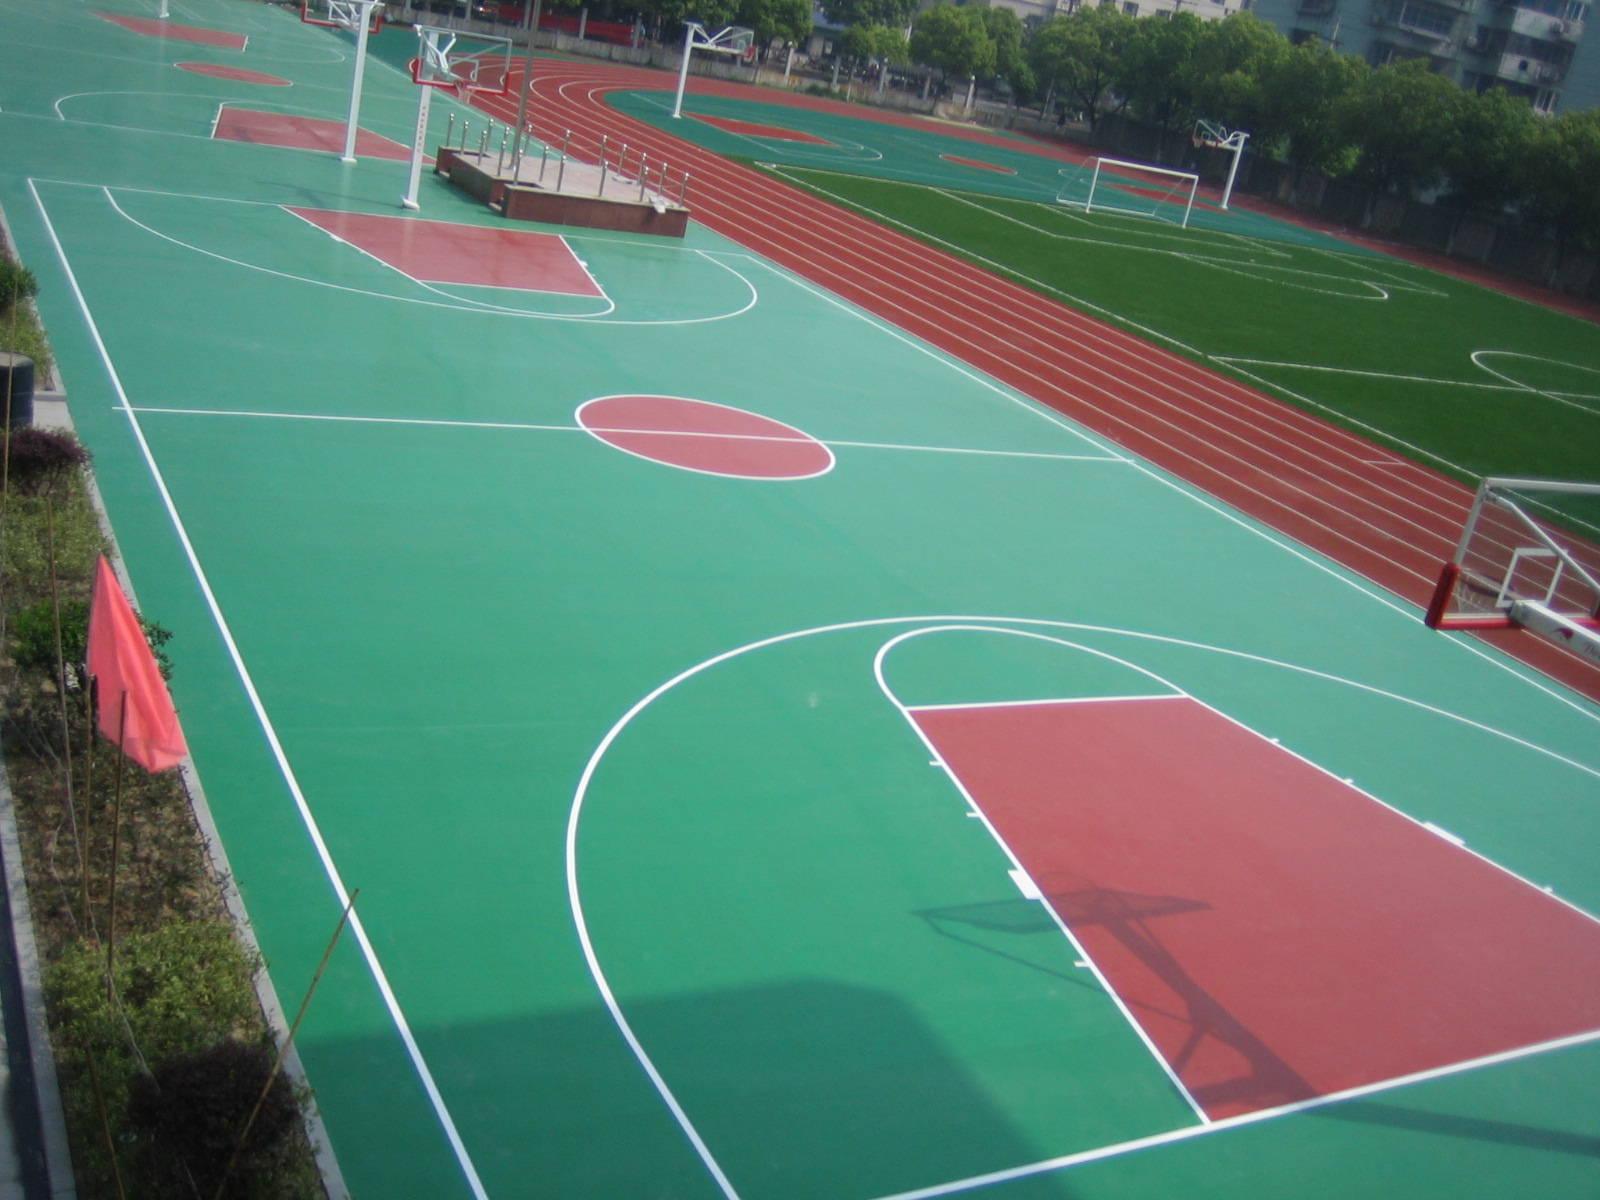 学校的篮球场地面